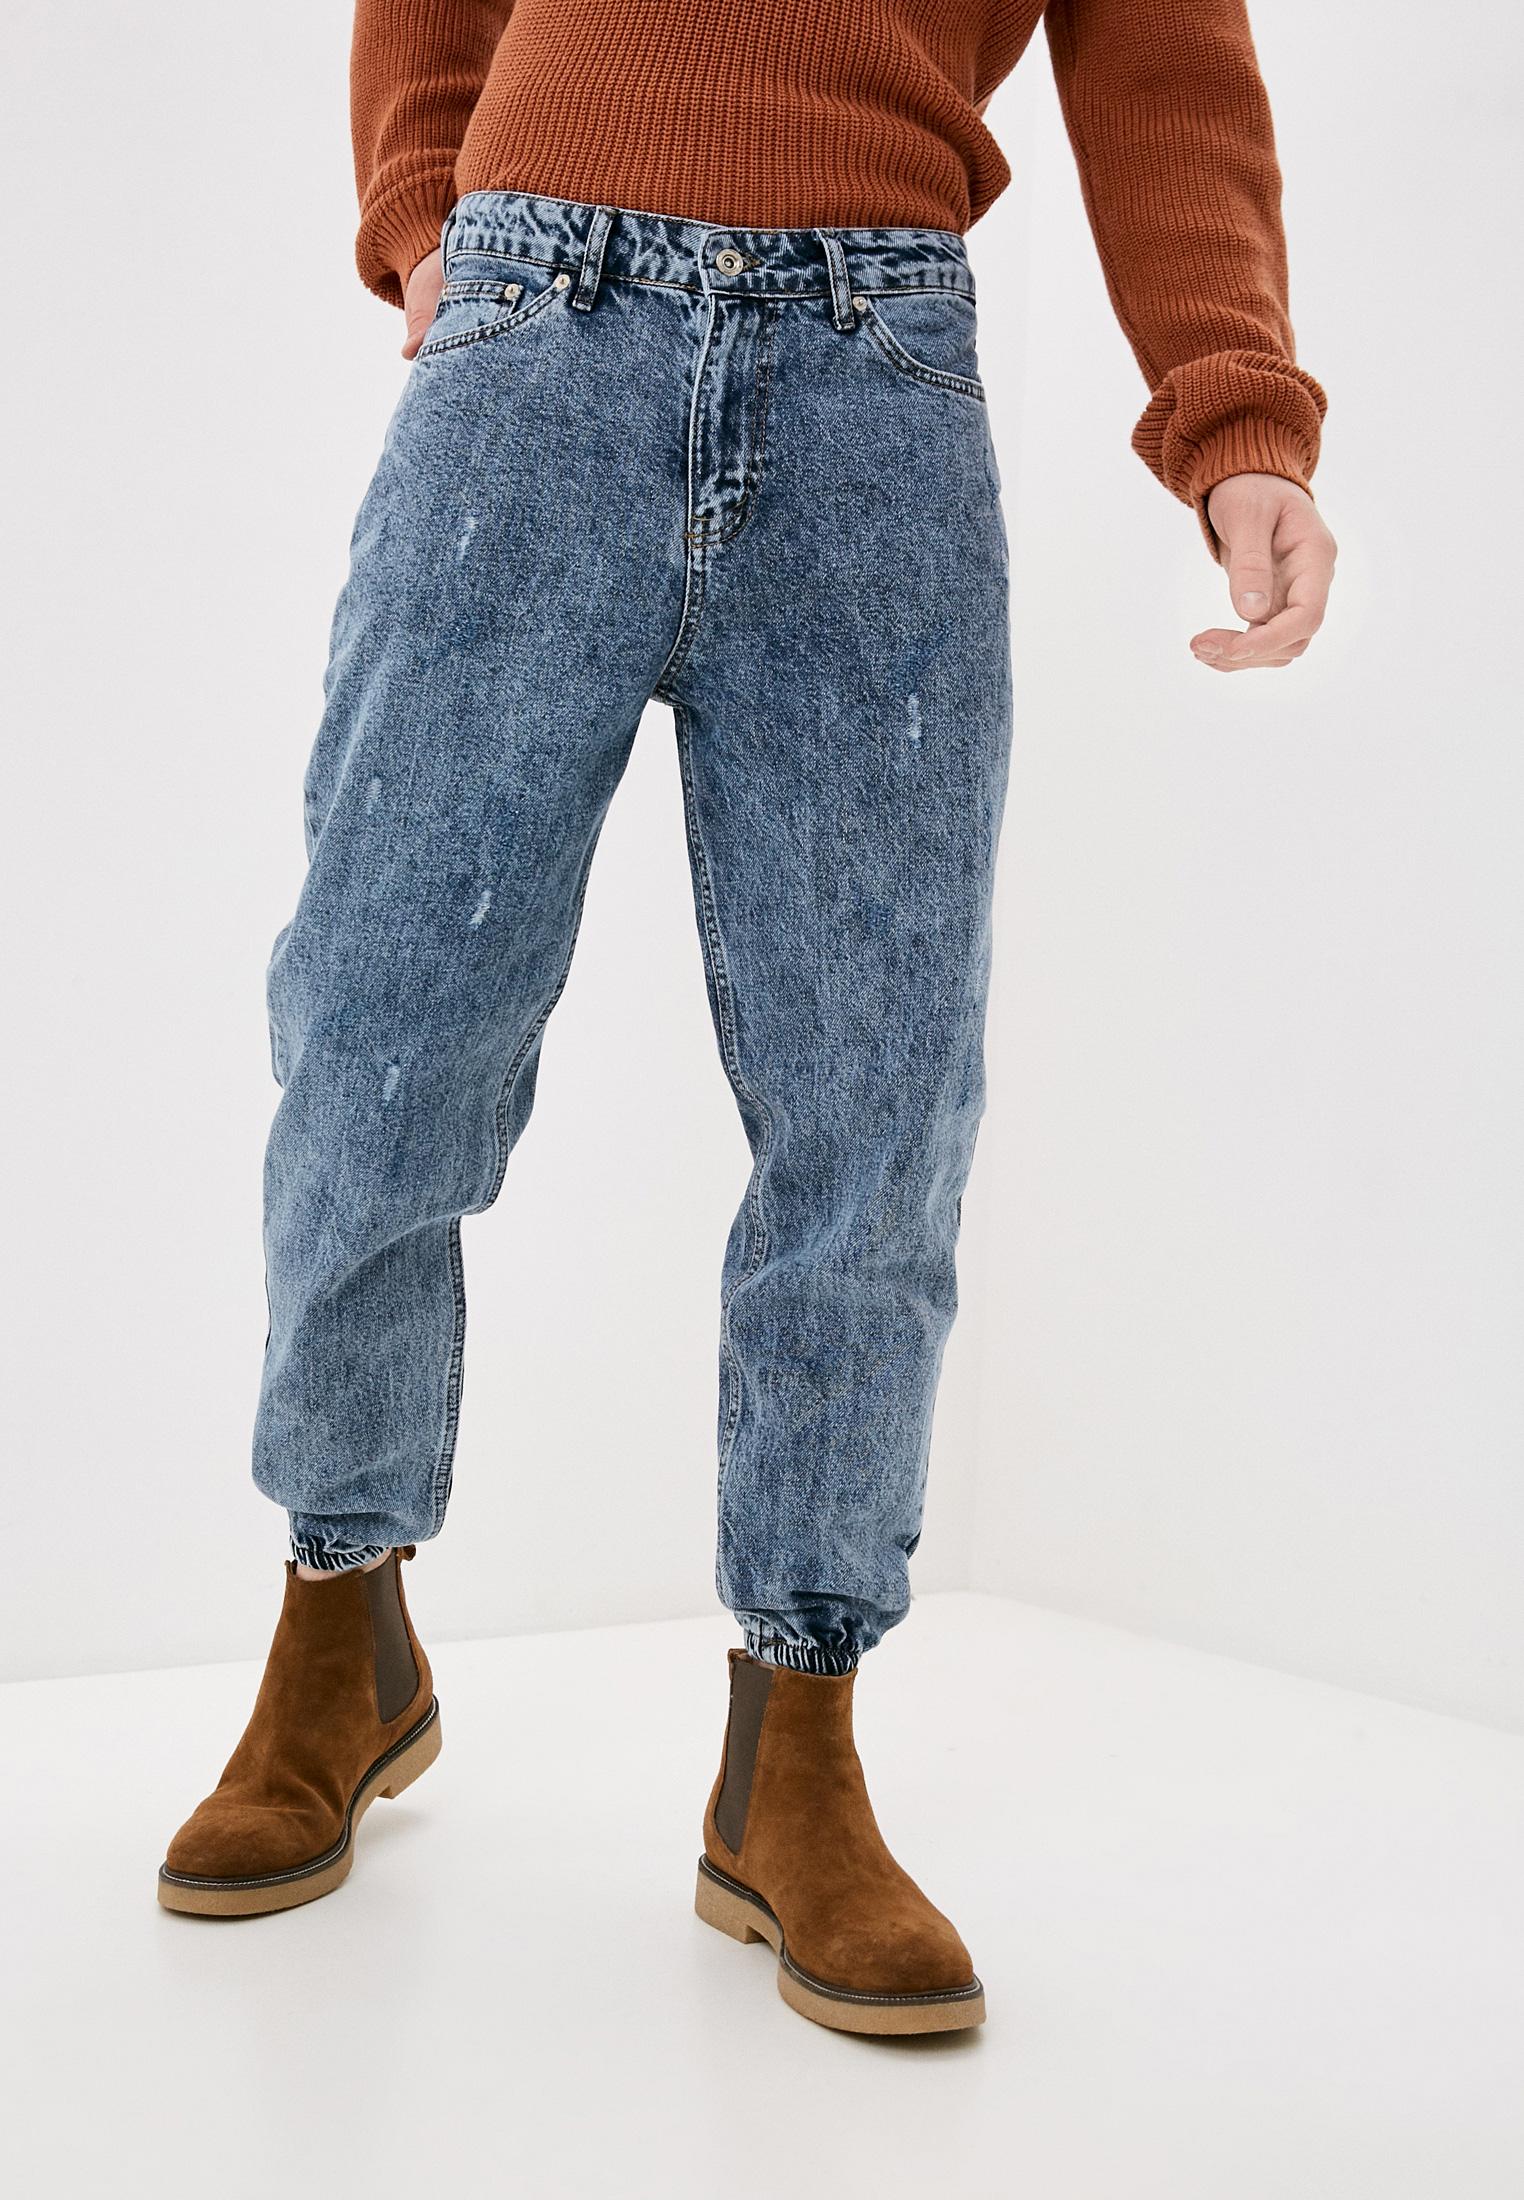 Мужские джинсы Dali 4001-1